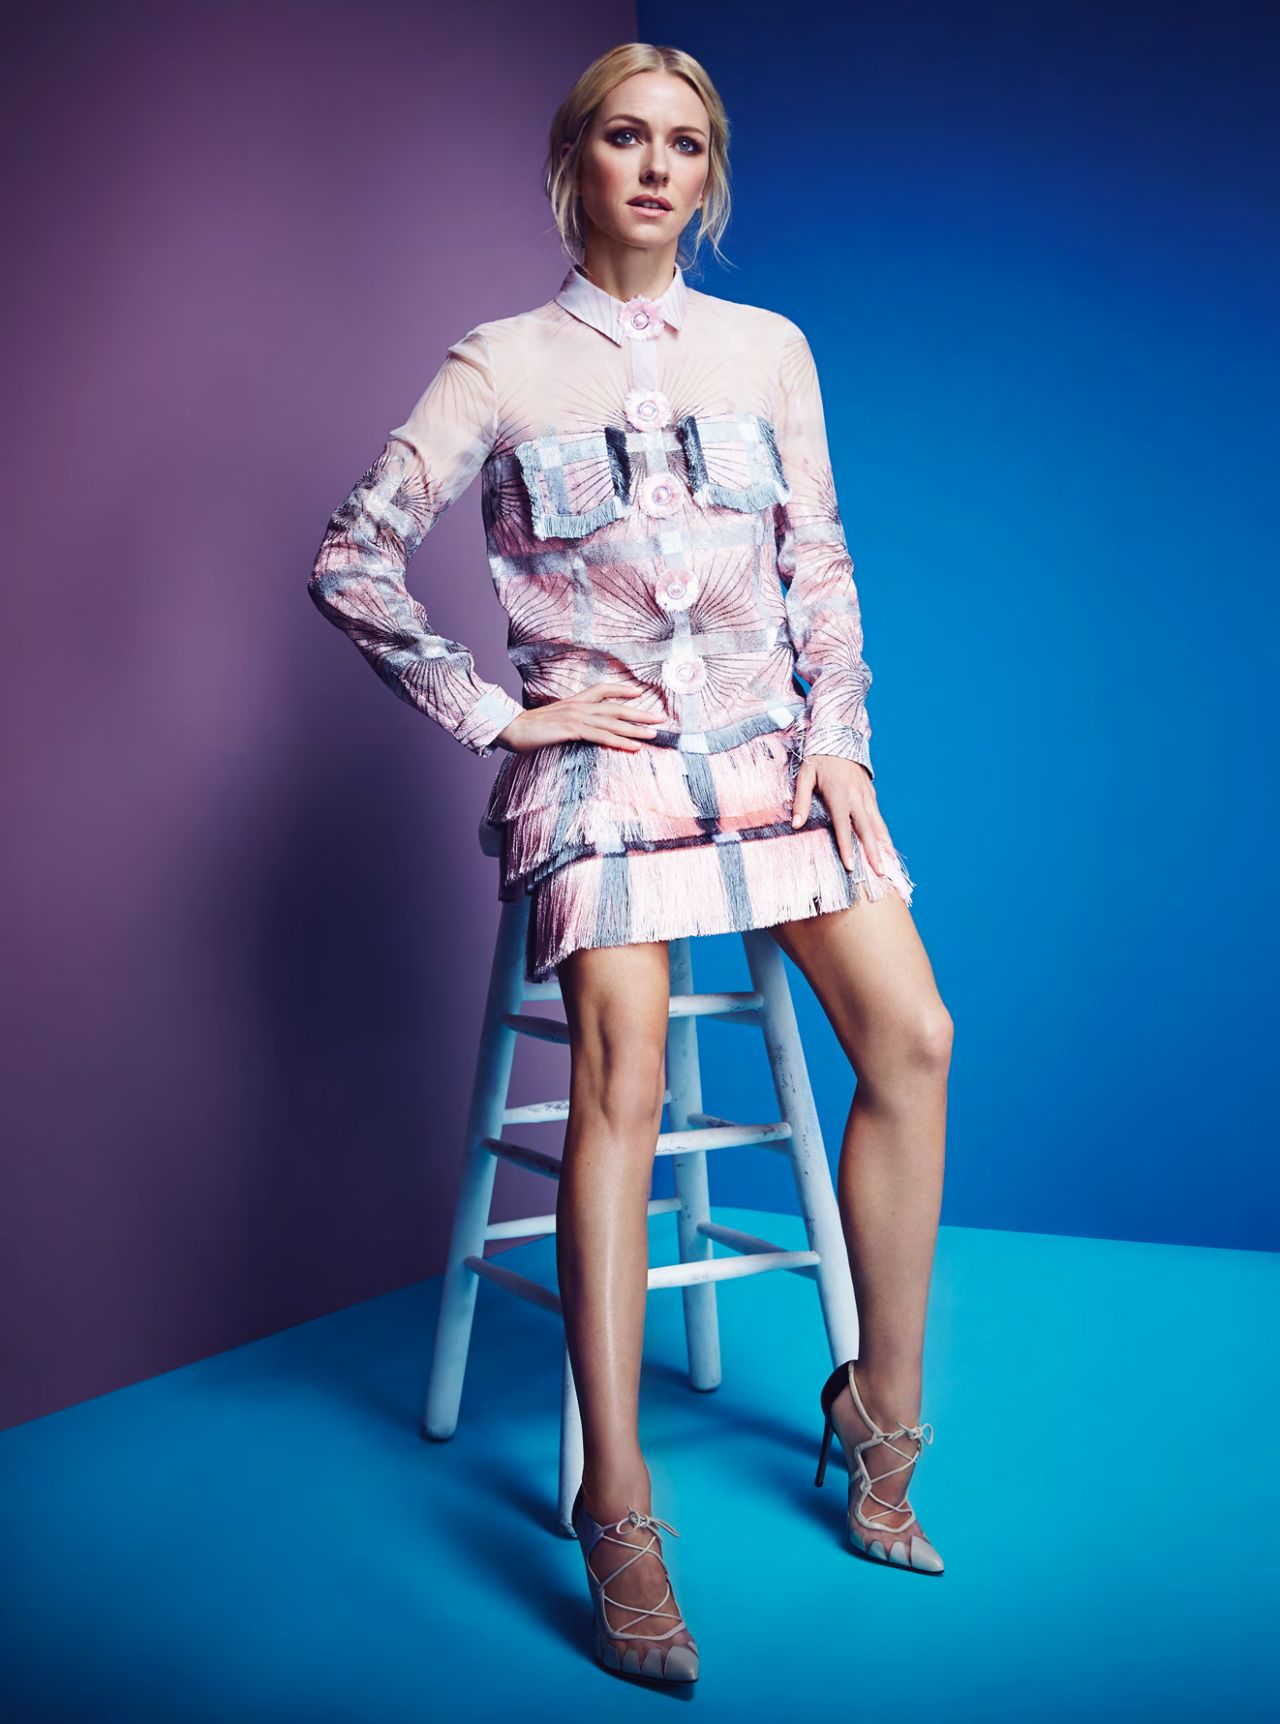 Naomi Watts Photoshoot For Instyle Magazine Uk February 2015